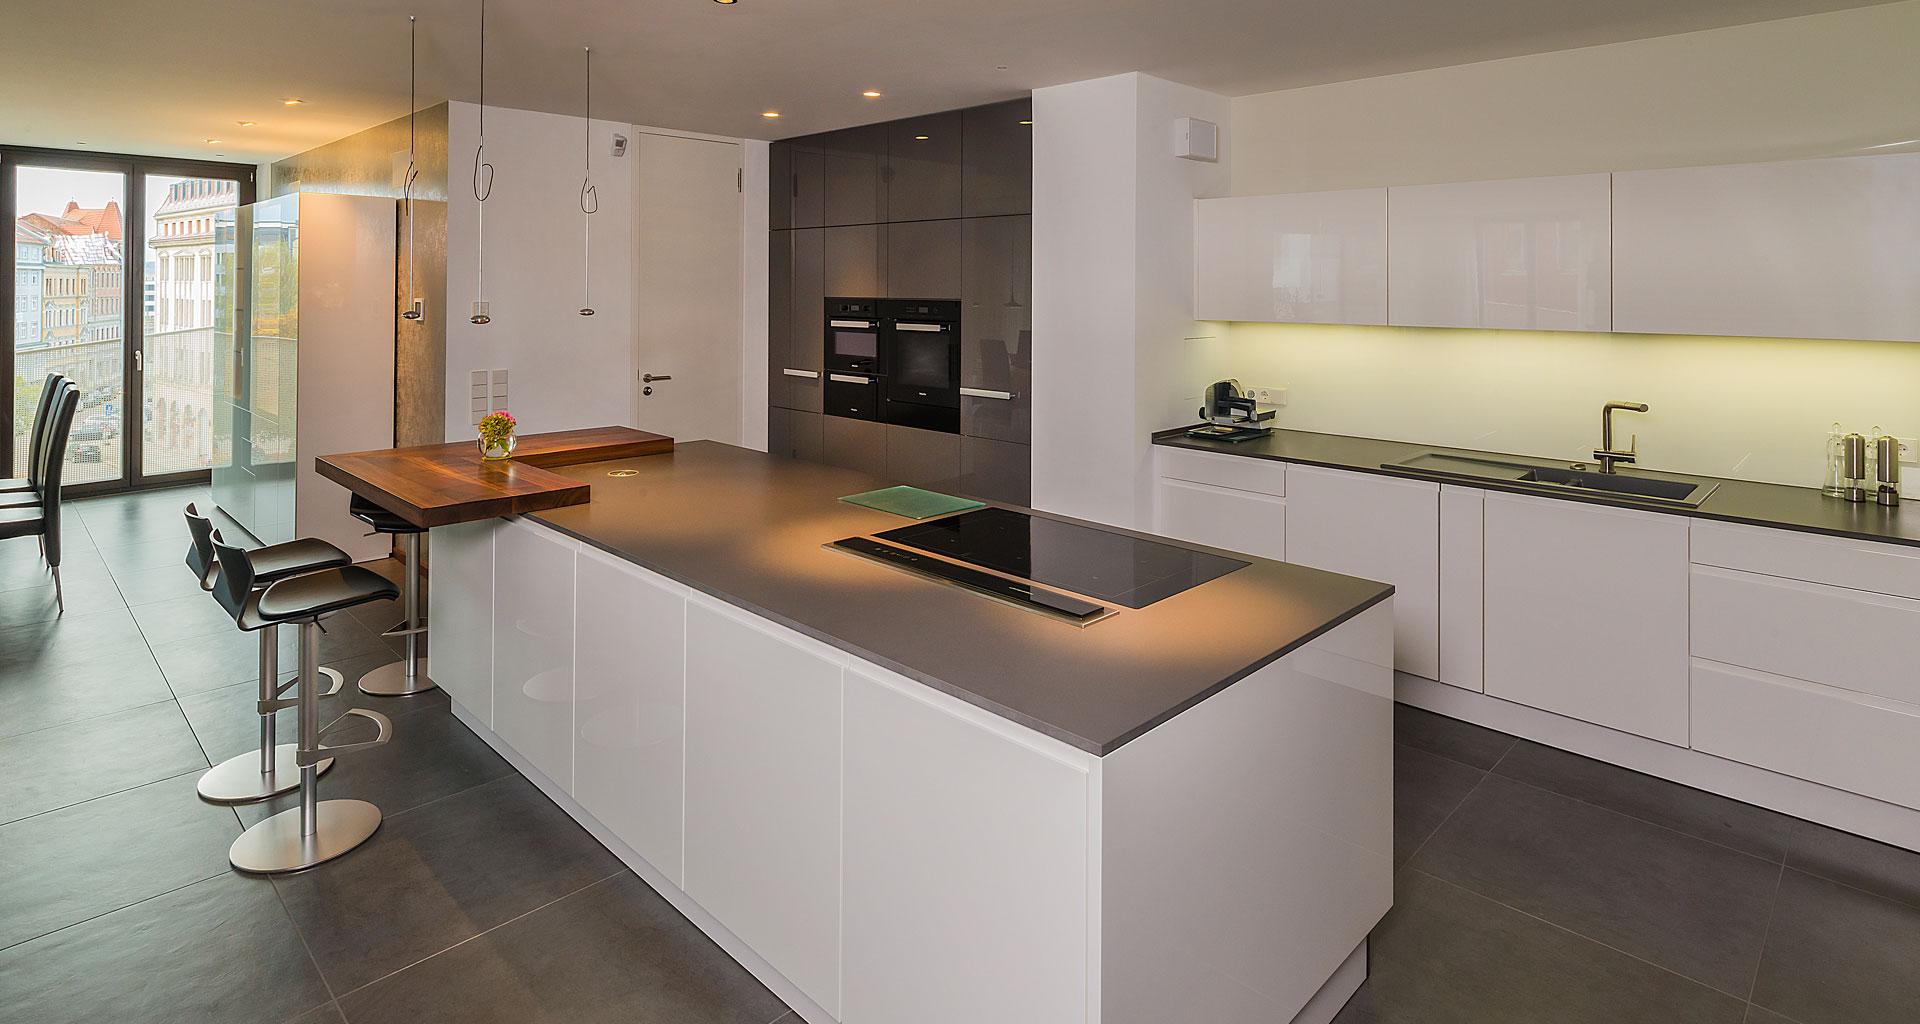 Beispiel Küchenausstattung - Eigentumswohnung Dresden